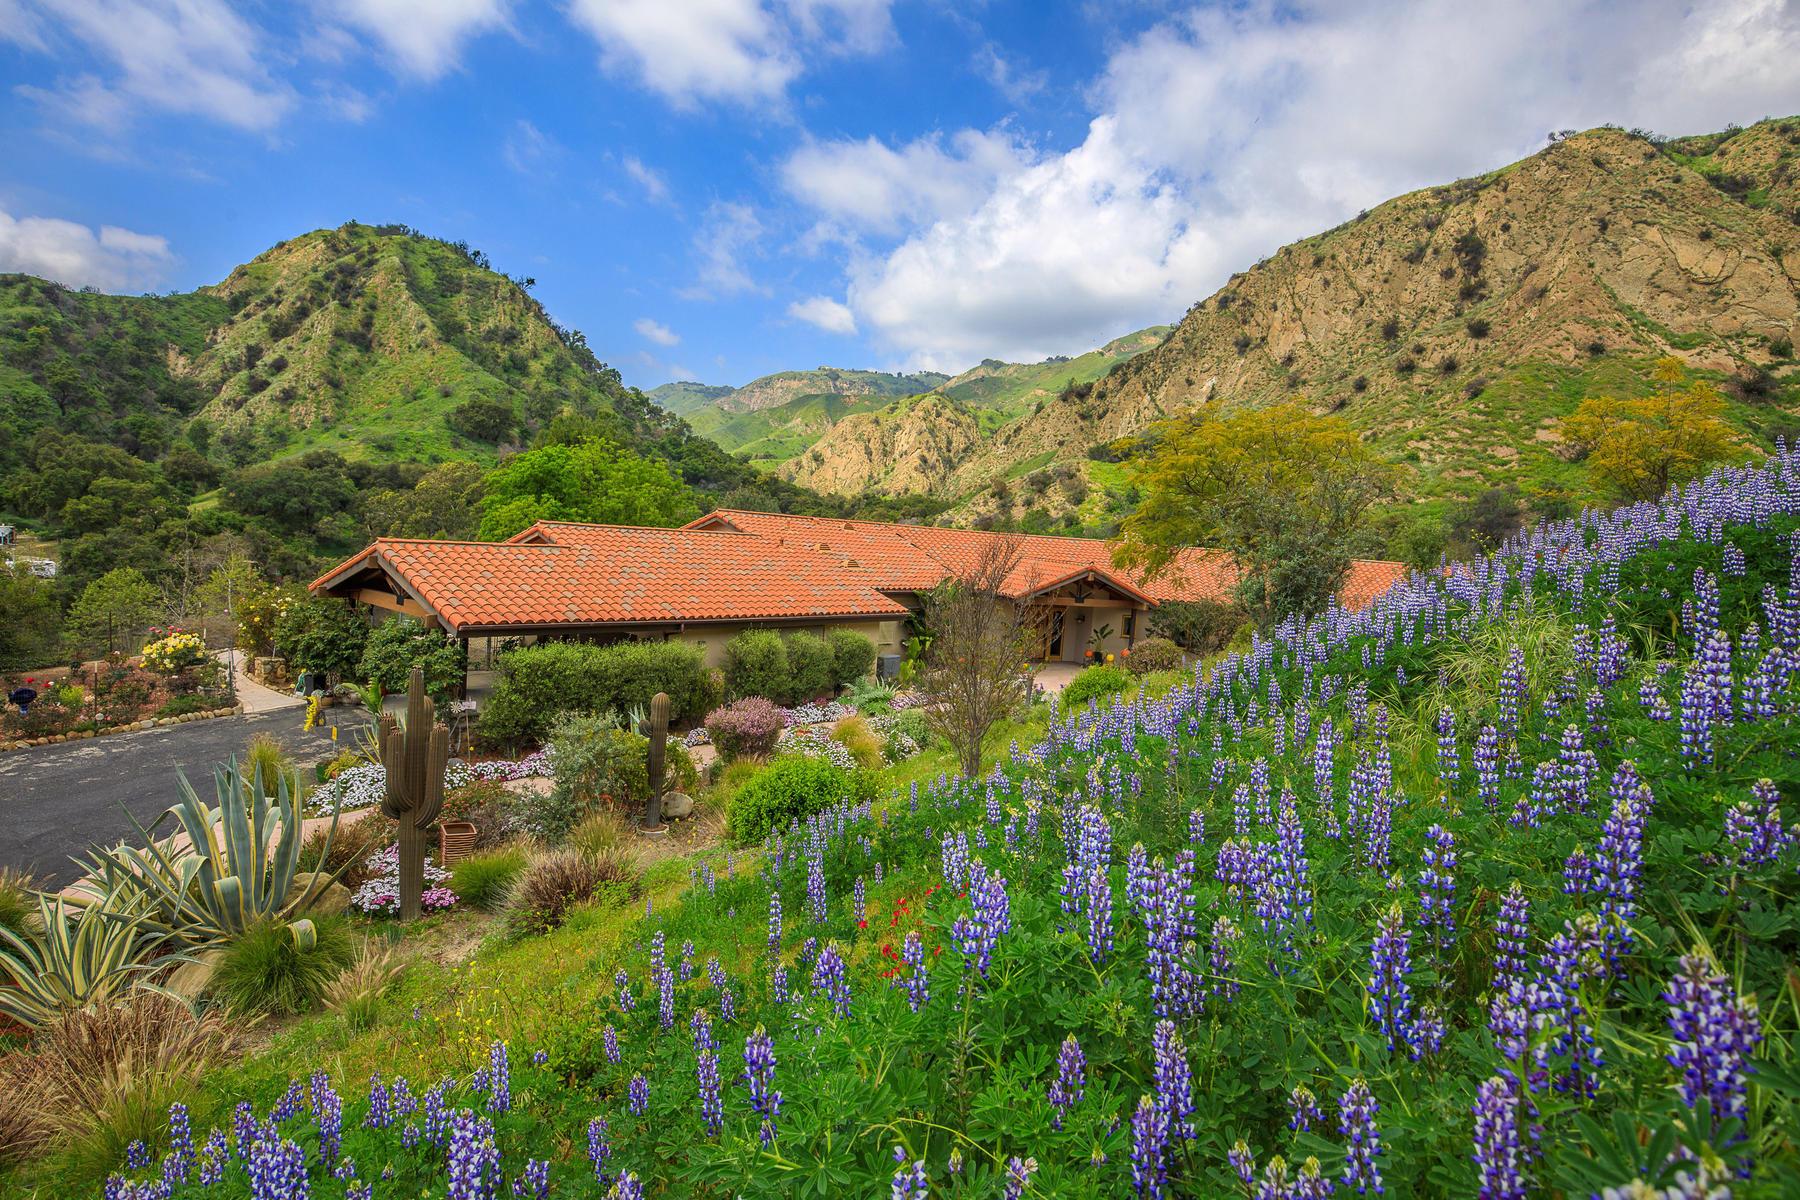 Single Family Homes for Sale at Liveoak Retreat 8577 Liveoak Avenue Santa Paula, California 93060 United States